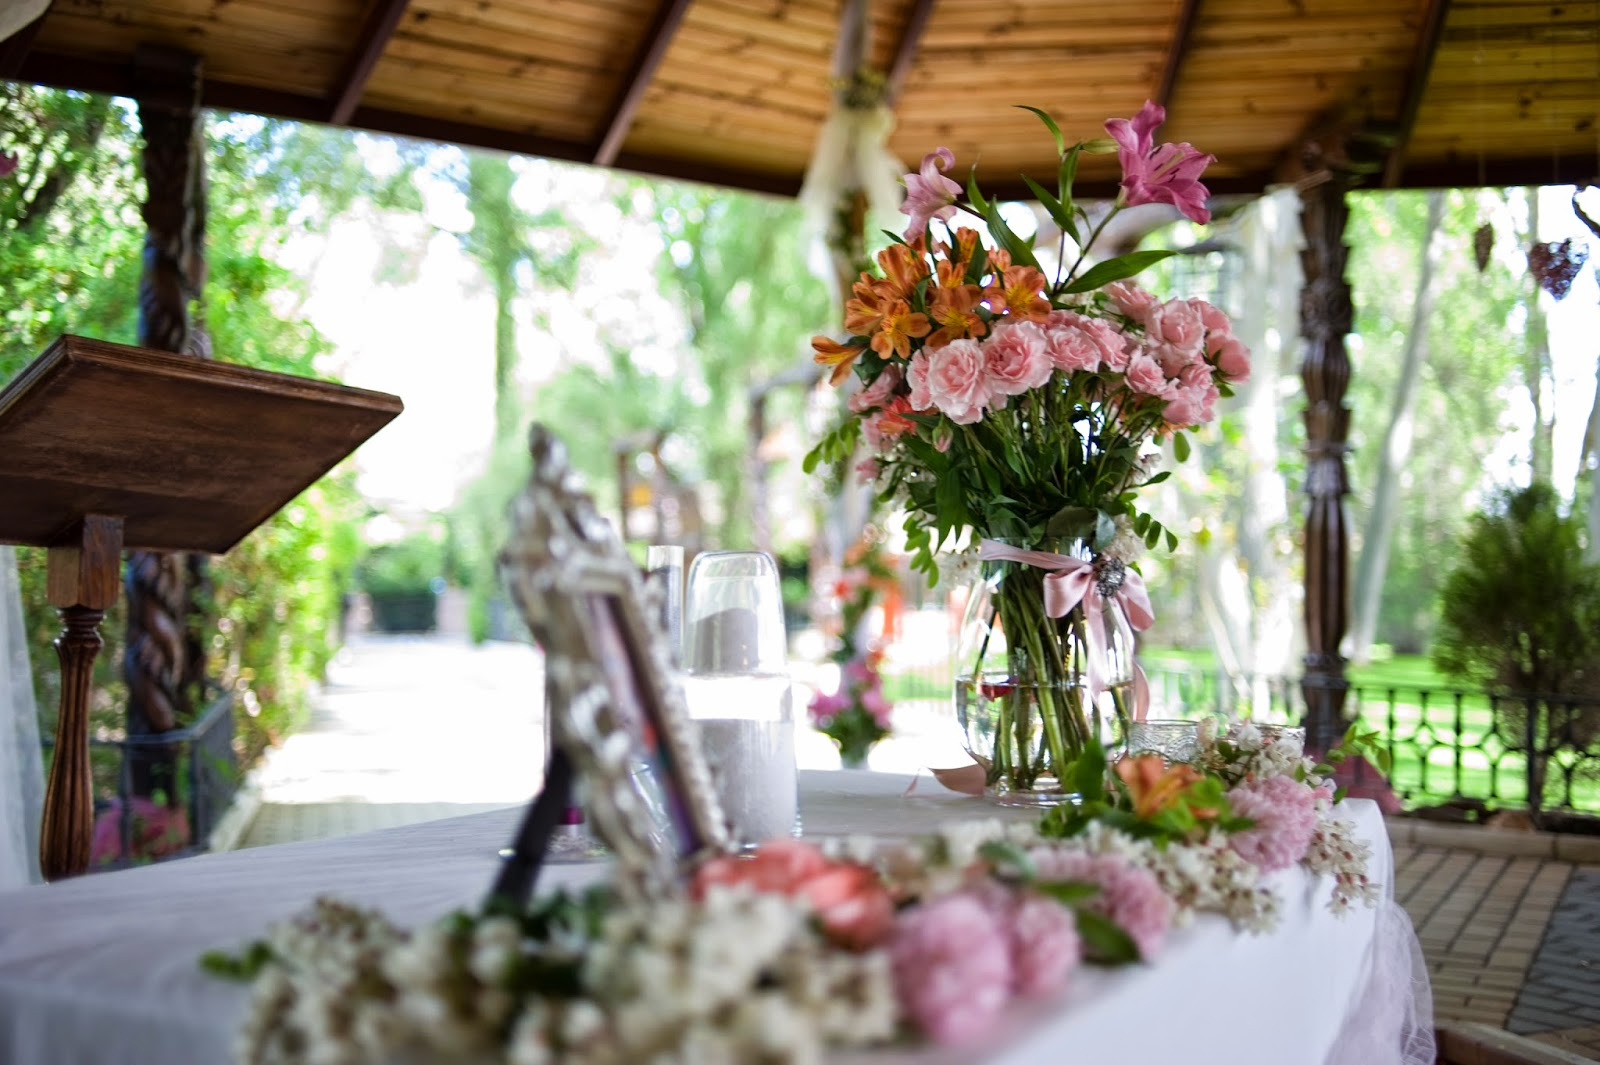 decoracion vintage boda civil decoracin de bodas vintage rstico chic la boda vintage al aire